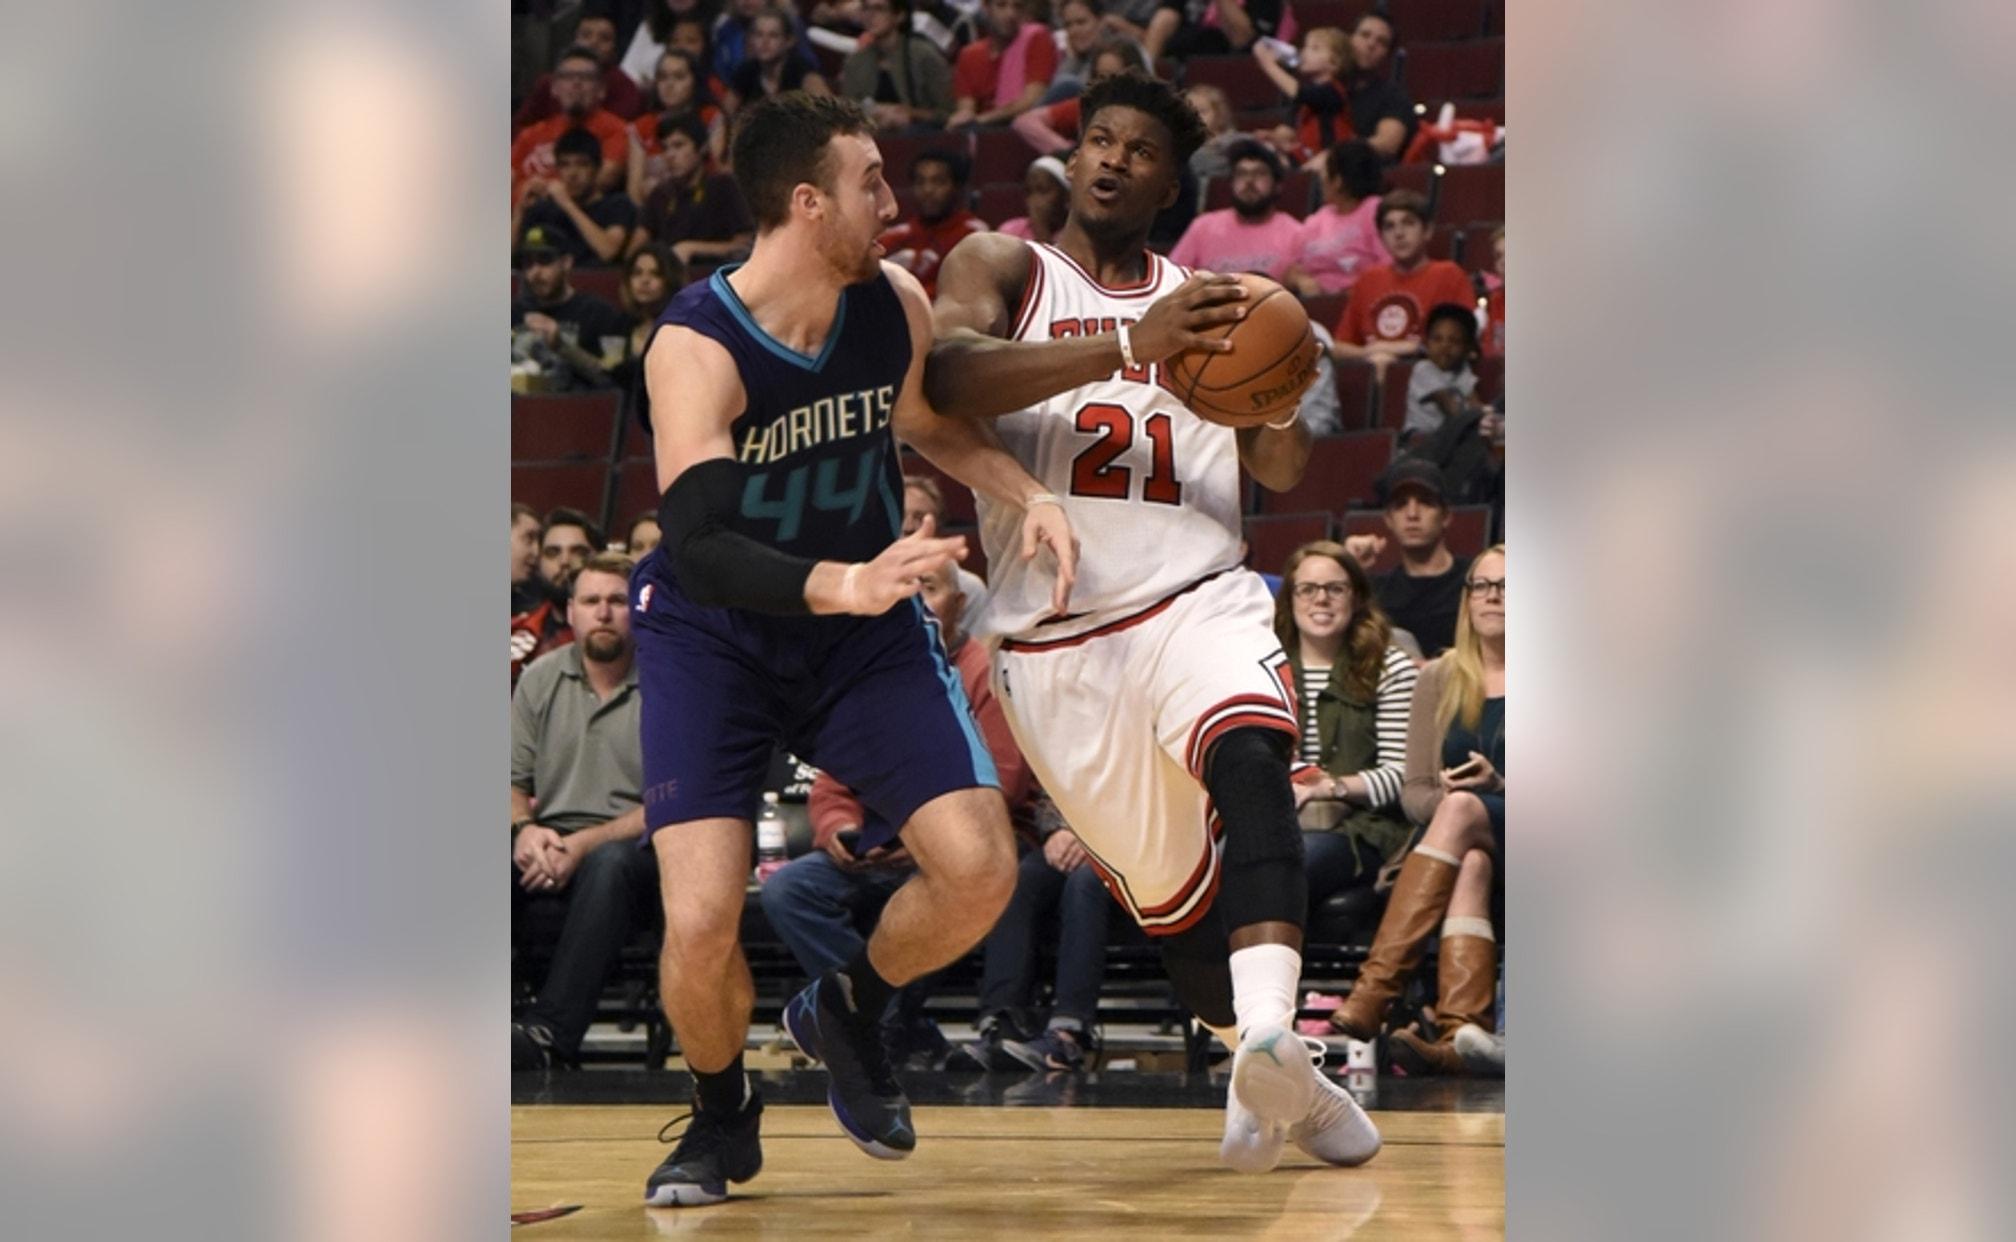 Sports On Christmas Eve 2020 Chicago Bulls vs. Charlotte Hornets: Game Outlook for Pre